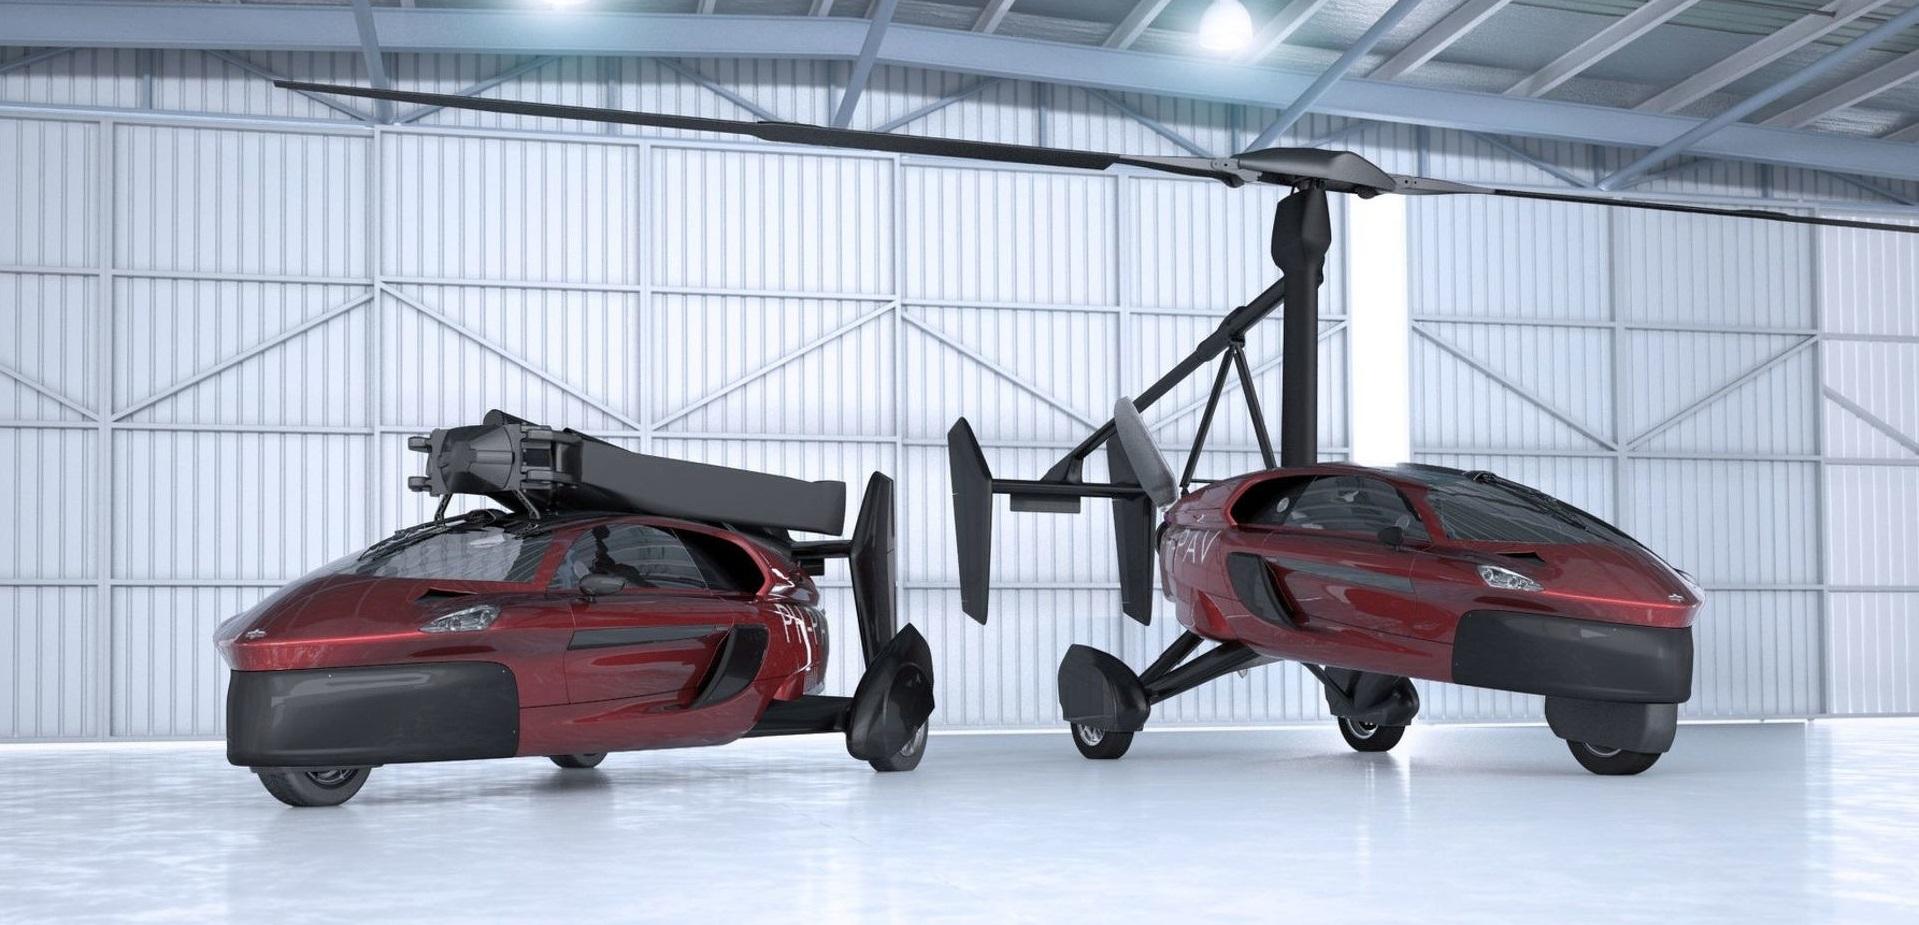 PAL-V Liberty: Ya puedes reservar el primer coche volador desde 299.000 euros